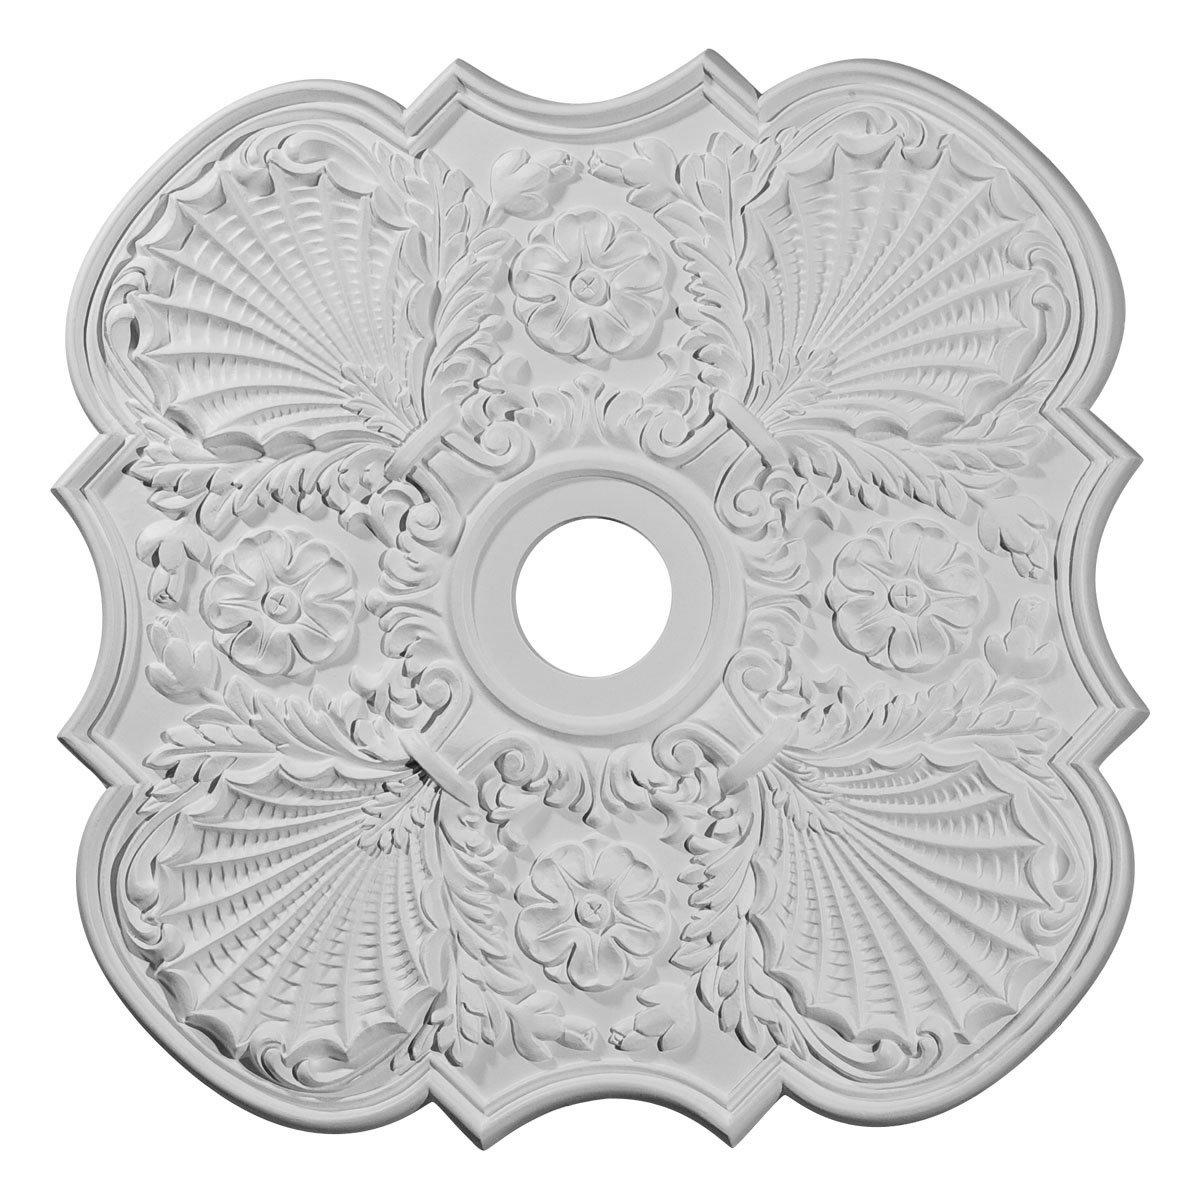 Ekena Millwork CM29FW 29-Inch OD x 3 5/8-Inch ID x 1 3/8-Inch P Flower Ceiling Medallion by Ekena Millwork